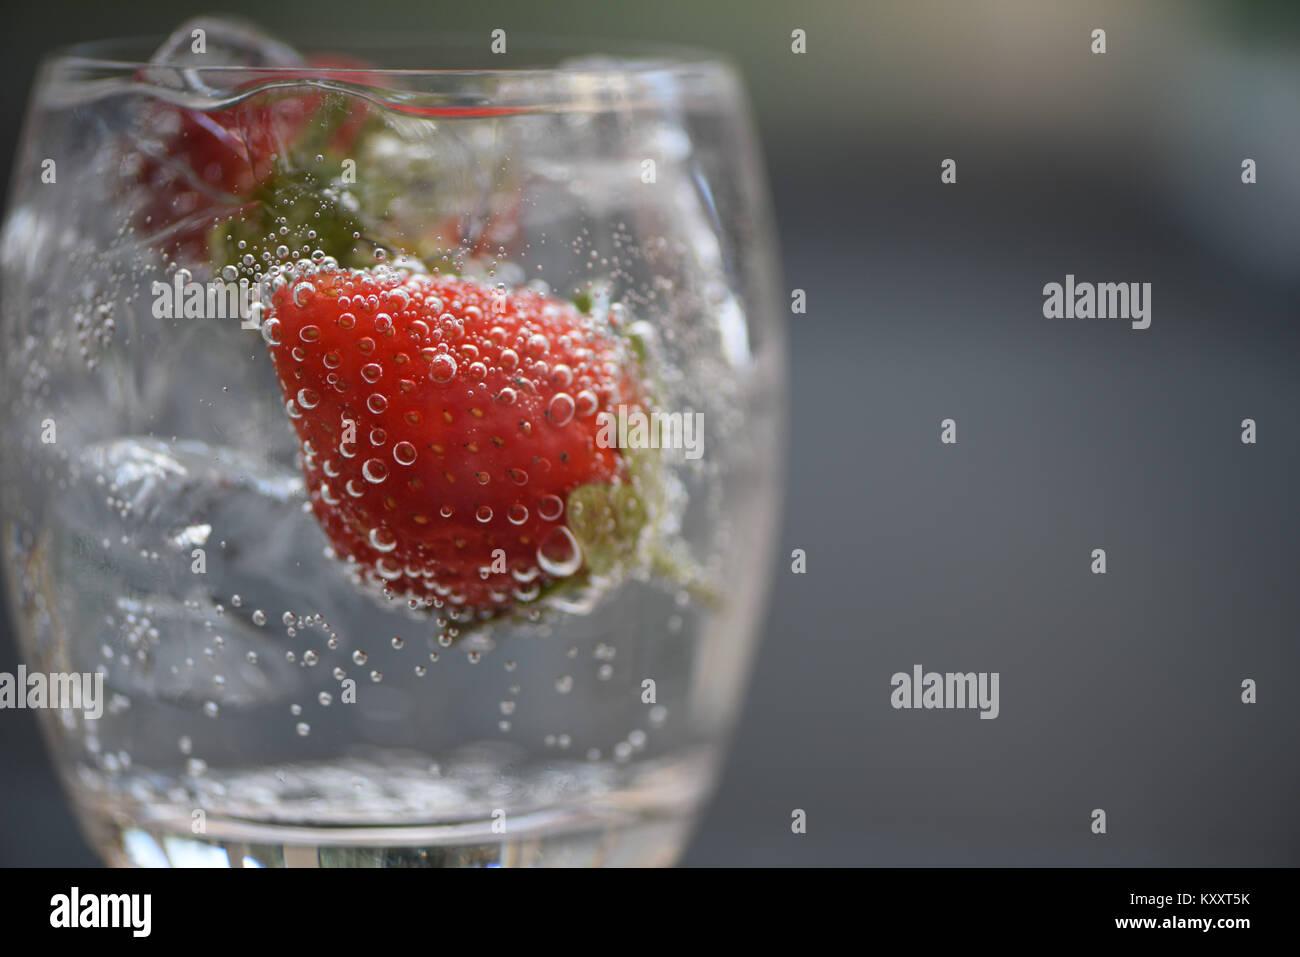 Rinfrescare cibi e bevande macro close up immagine fotografia di frutta rossa fragola in un bicchiere di cubetti Immagini Stock